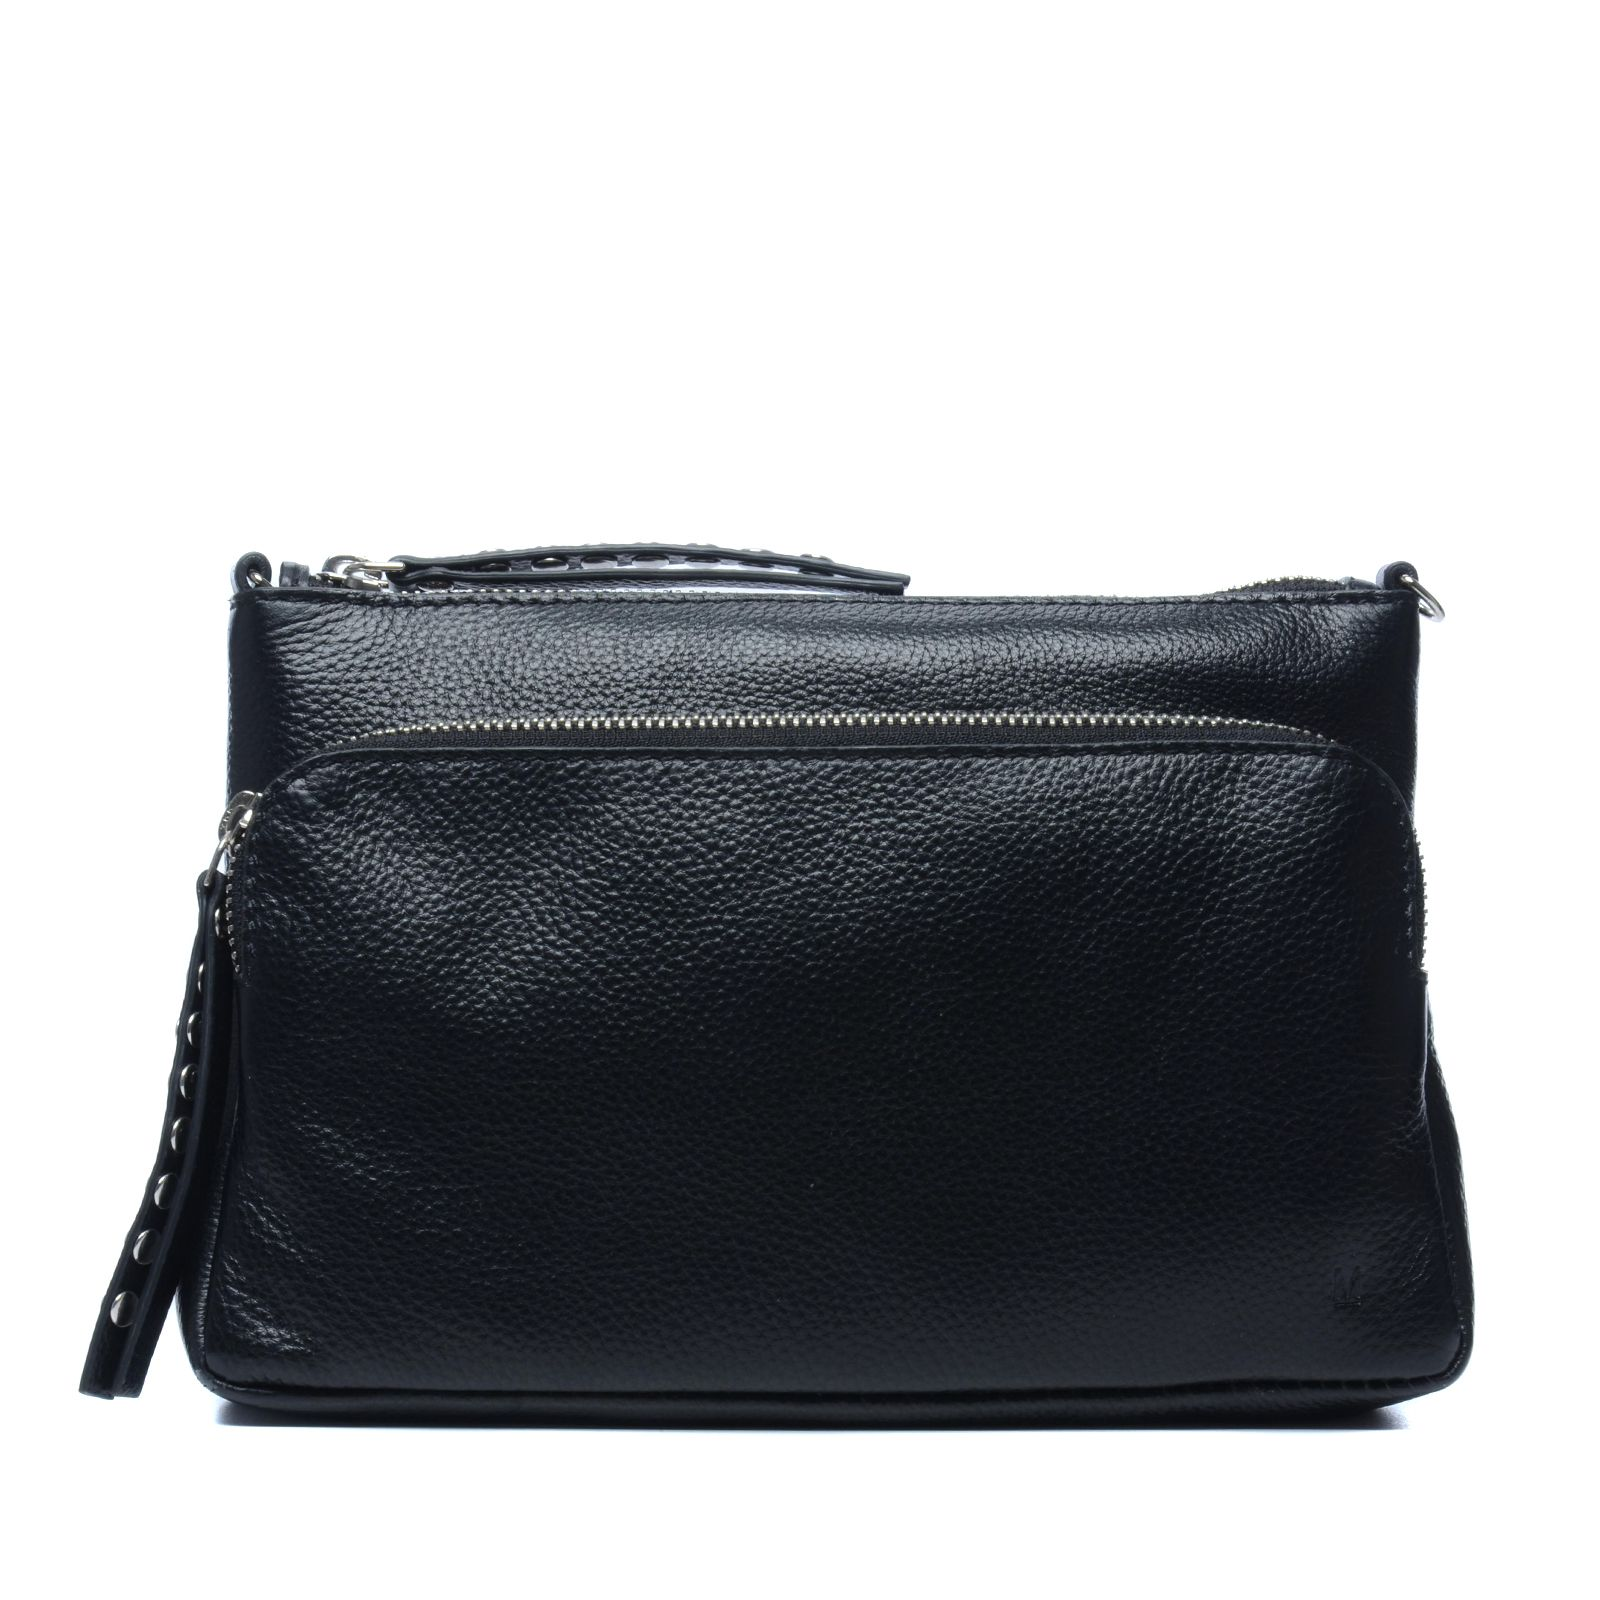 kleine schwarze schultertasche mit nieten. Black Bedroom Furniture Sets. Home Design Ideas